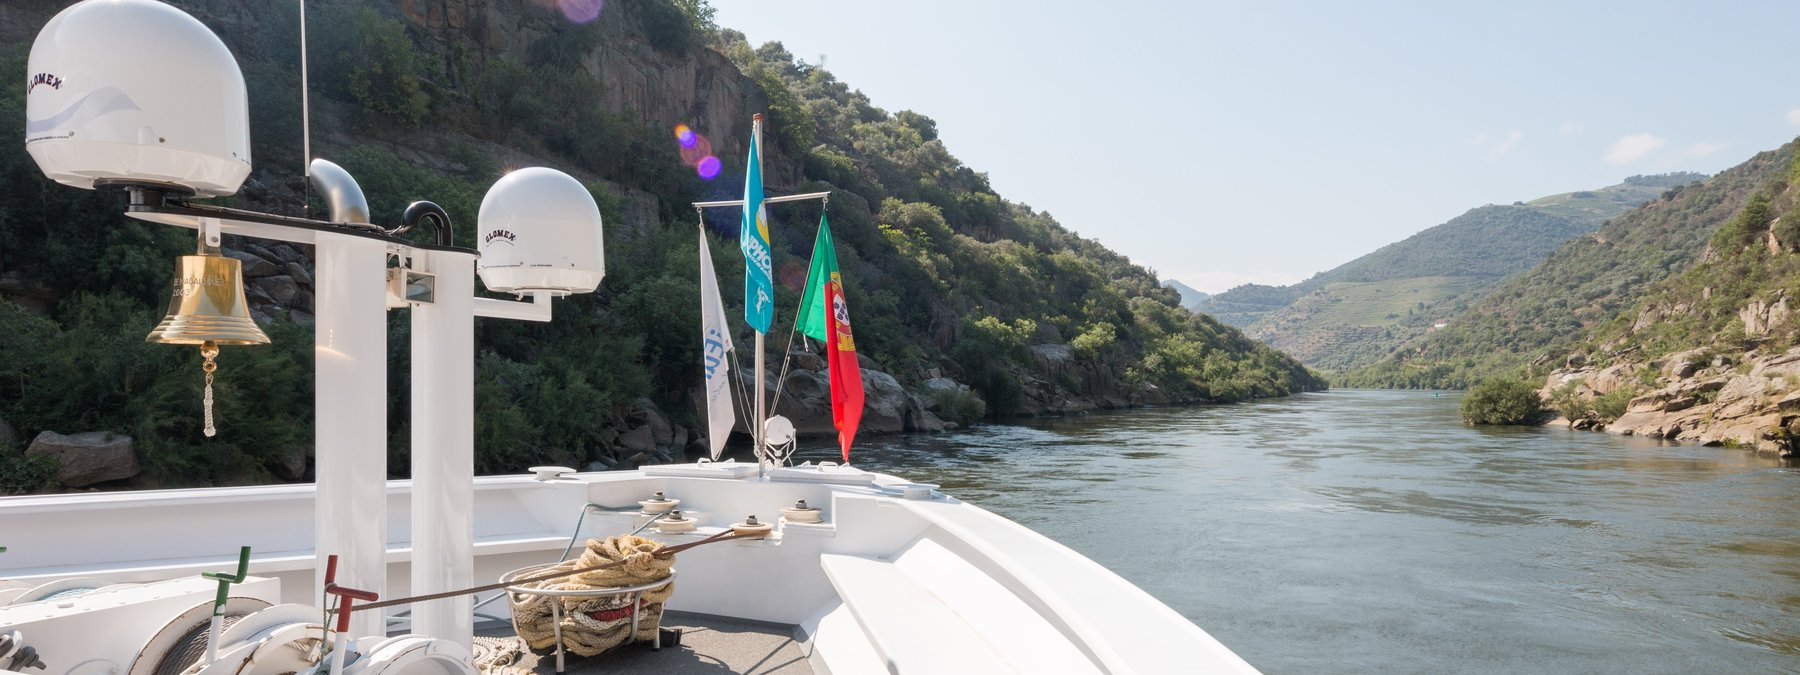 Portugal Douro Flusskreuzfahrten 2021 buchen